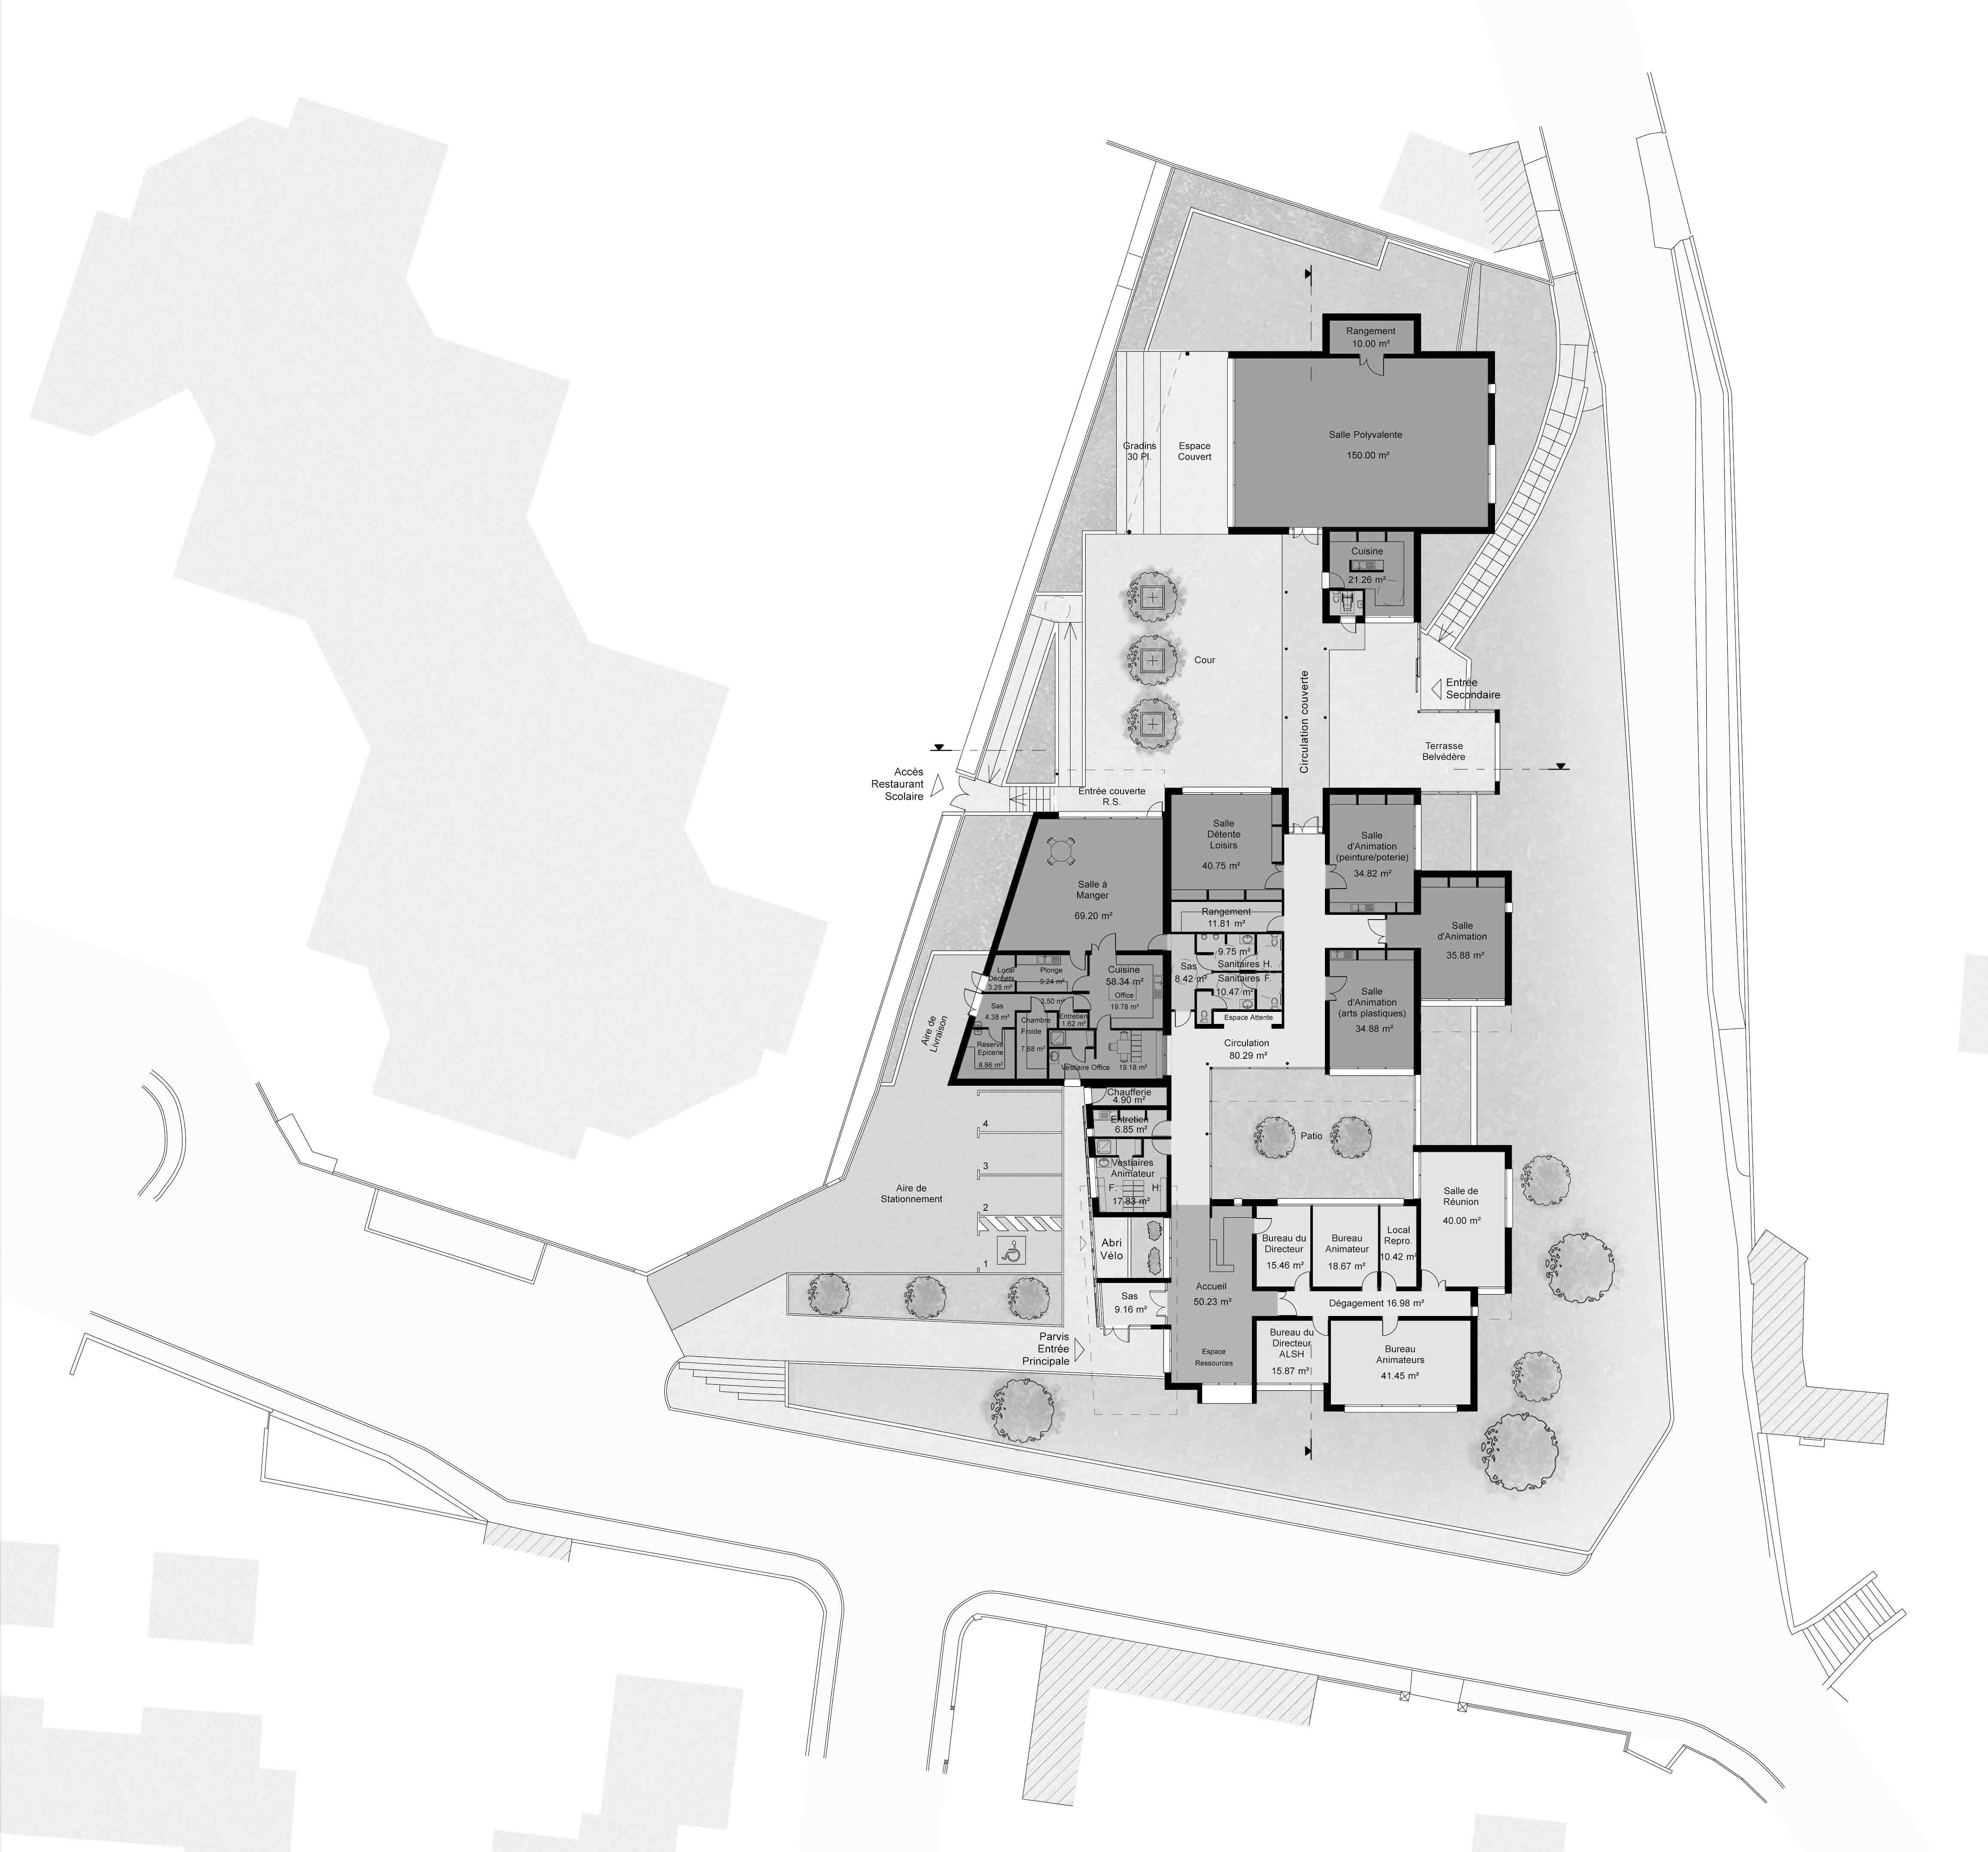 Maison de quartier Béziers BF Architecture 13